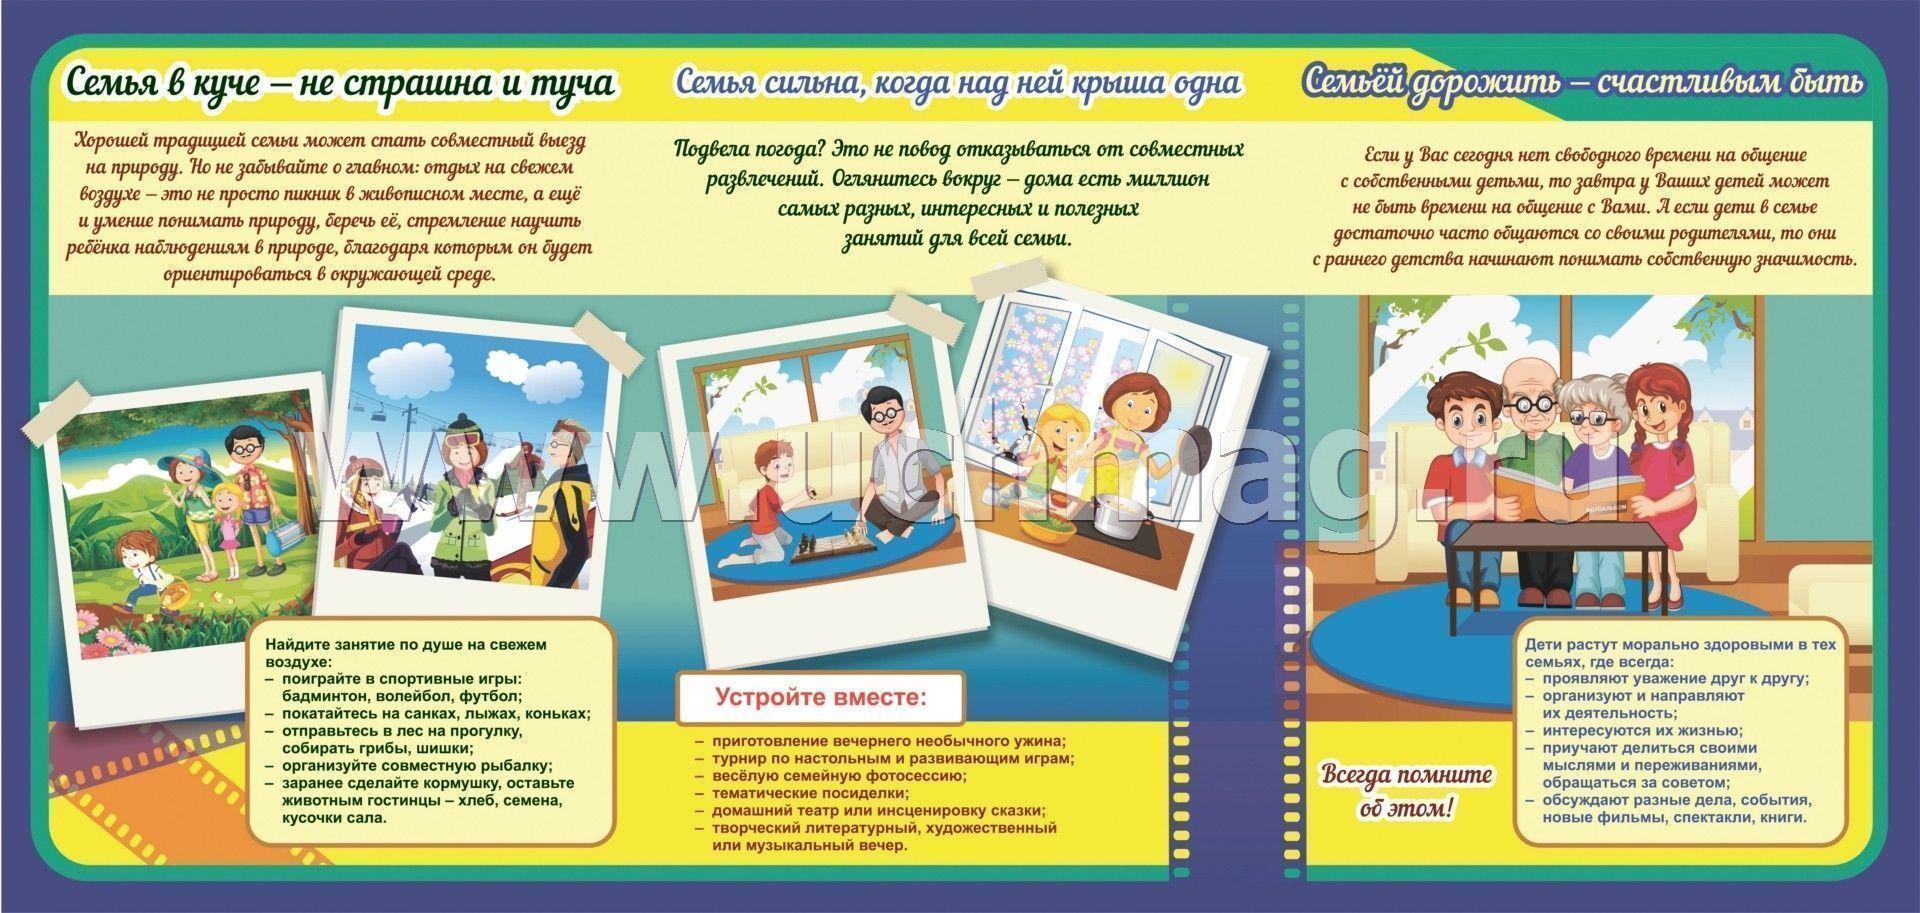 Совместные игры и конкурсы для родителей и детей на праздник